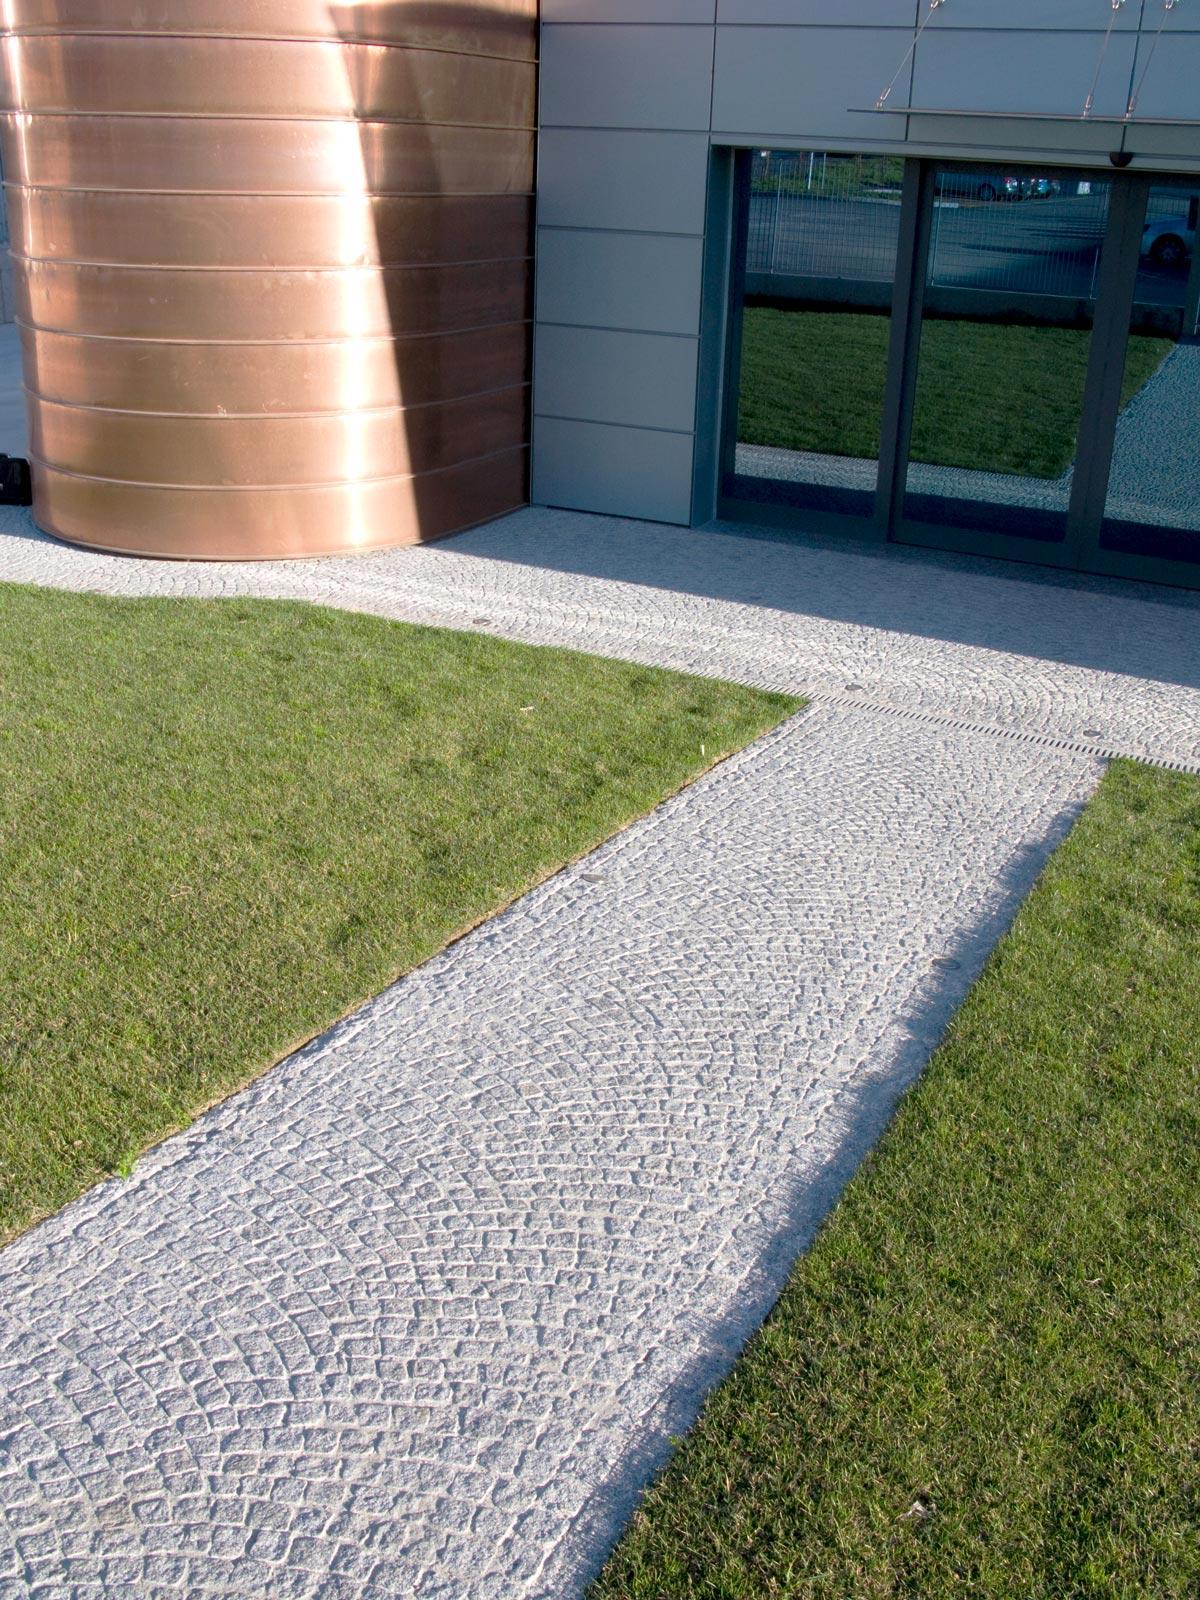 [11] Un ingresso di rappresentanza - attività e luoghi pubblici, granito, granito bianco sale e pepe, pavé